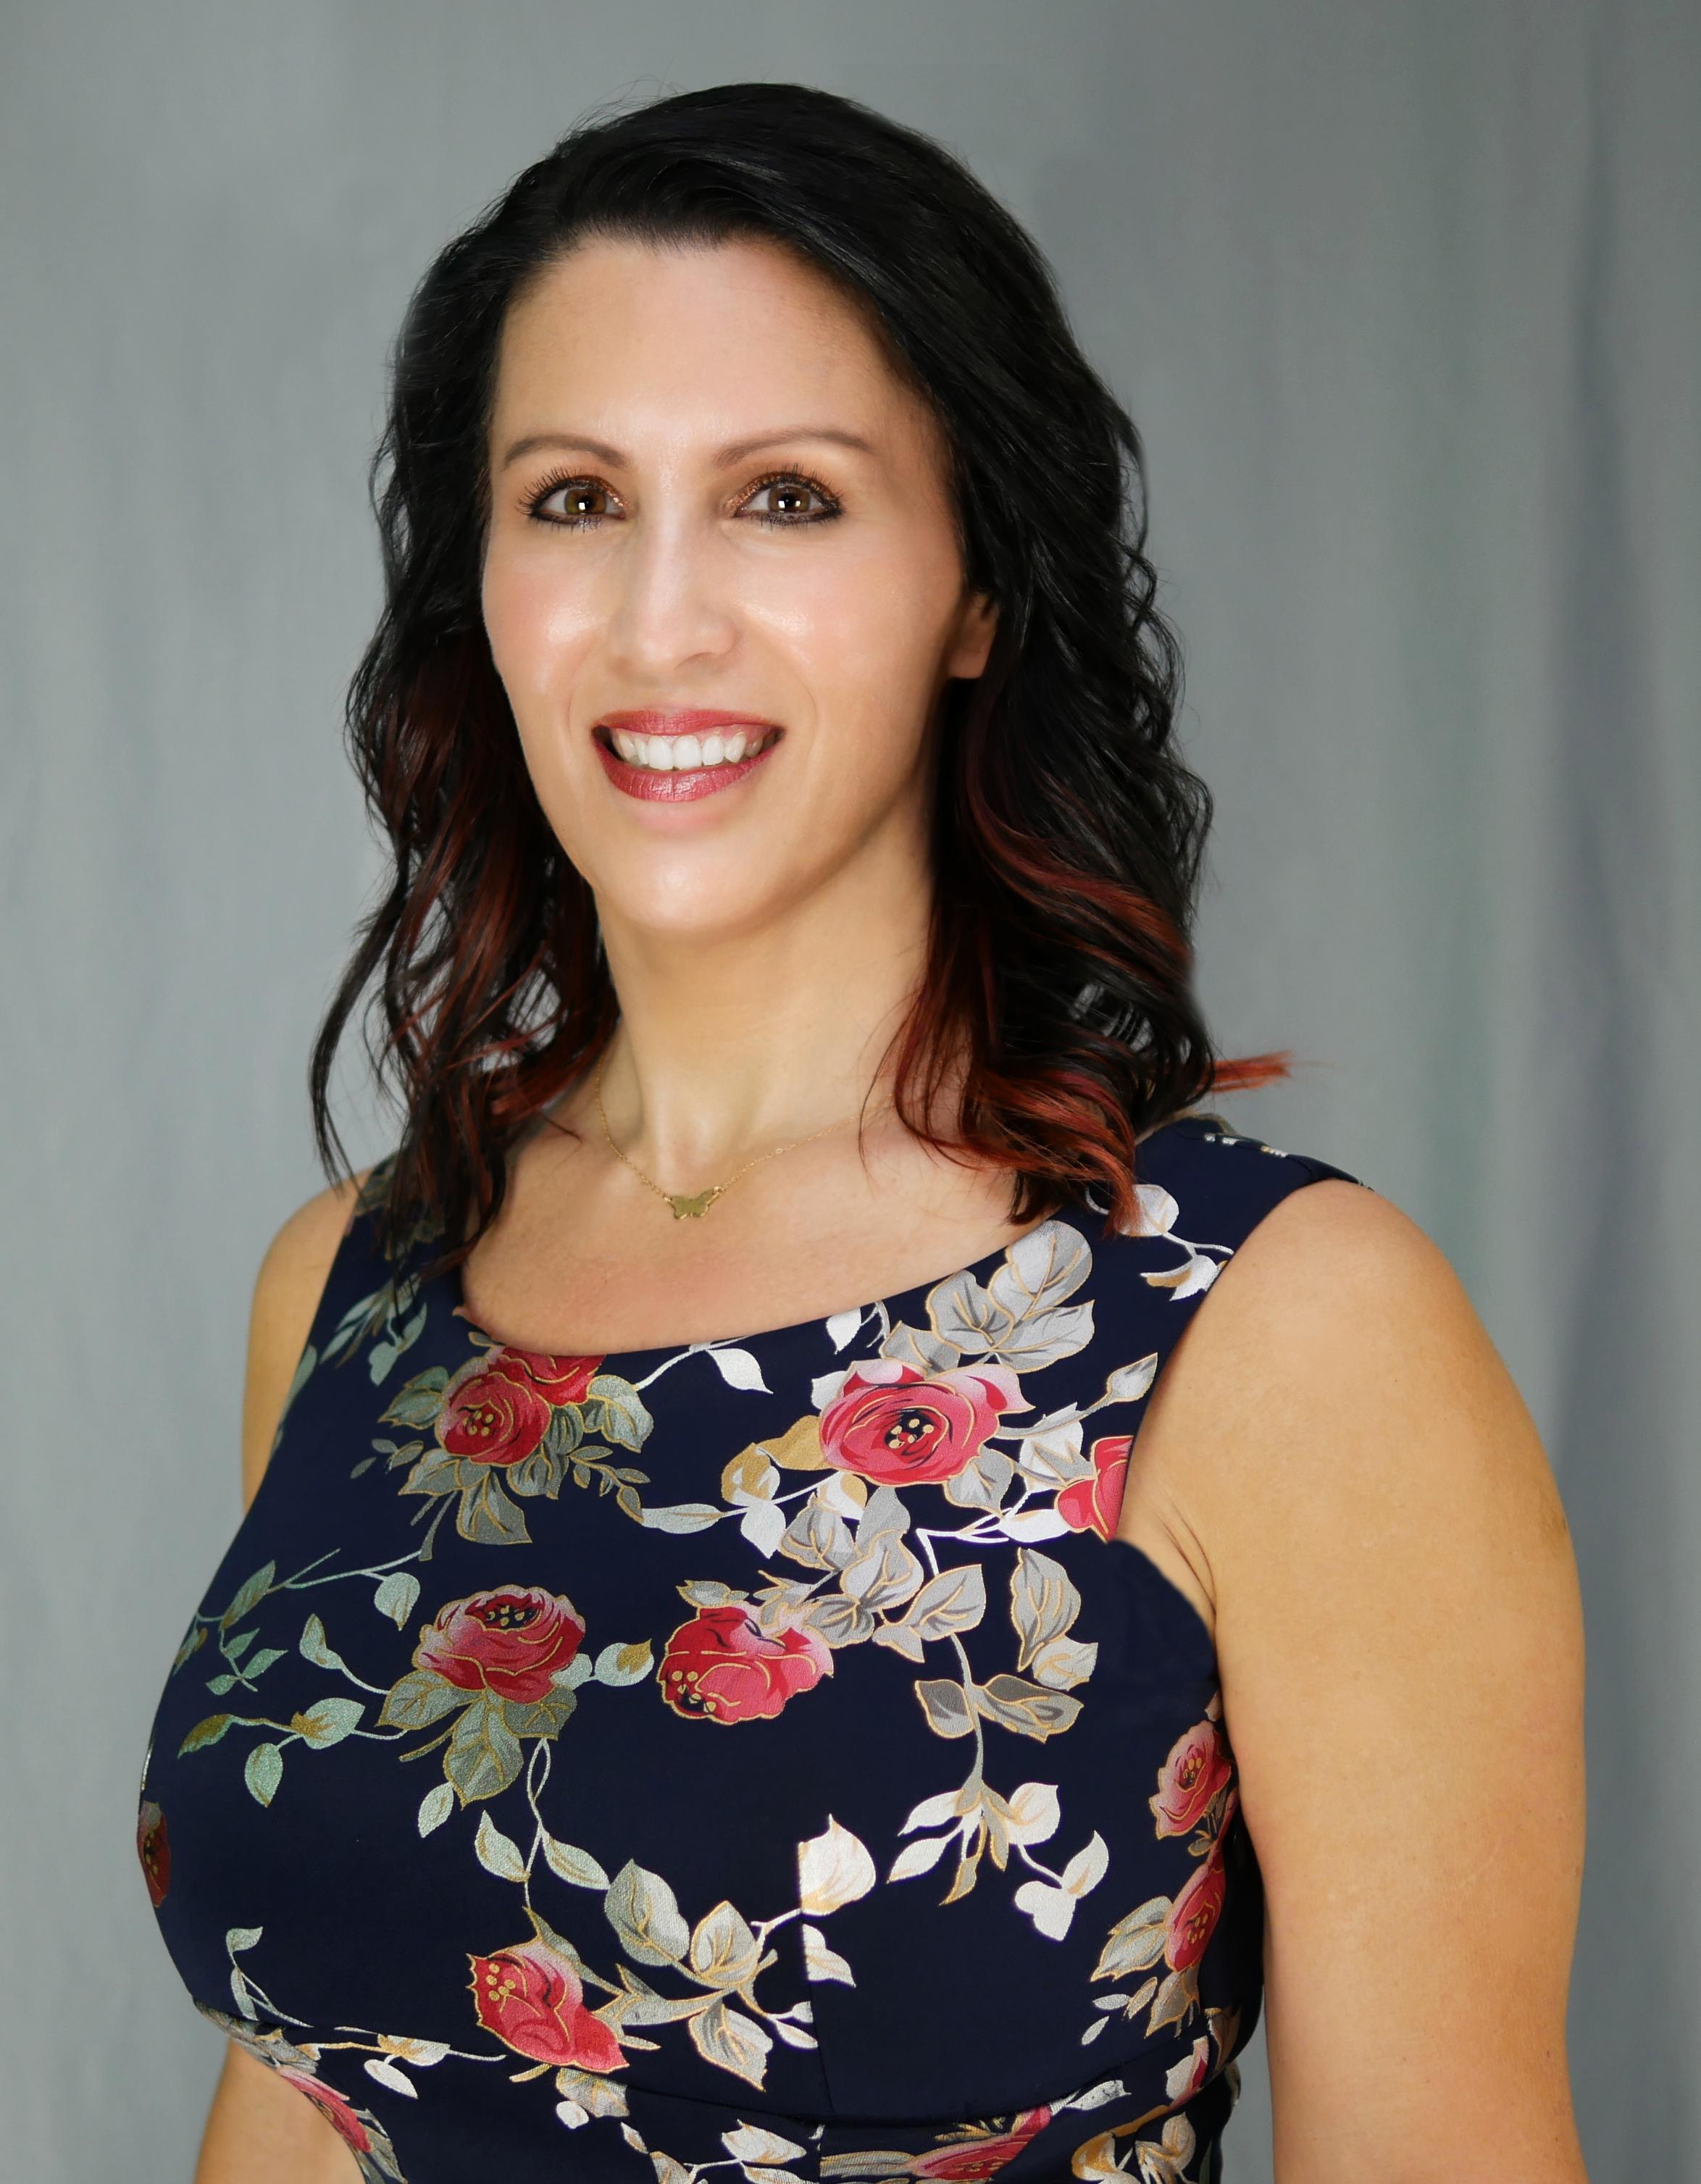 Shannon Gaccione profile image